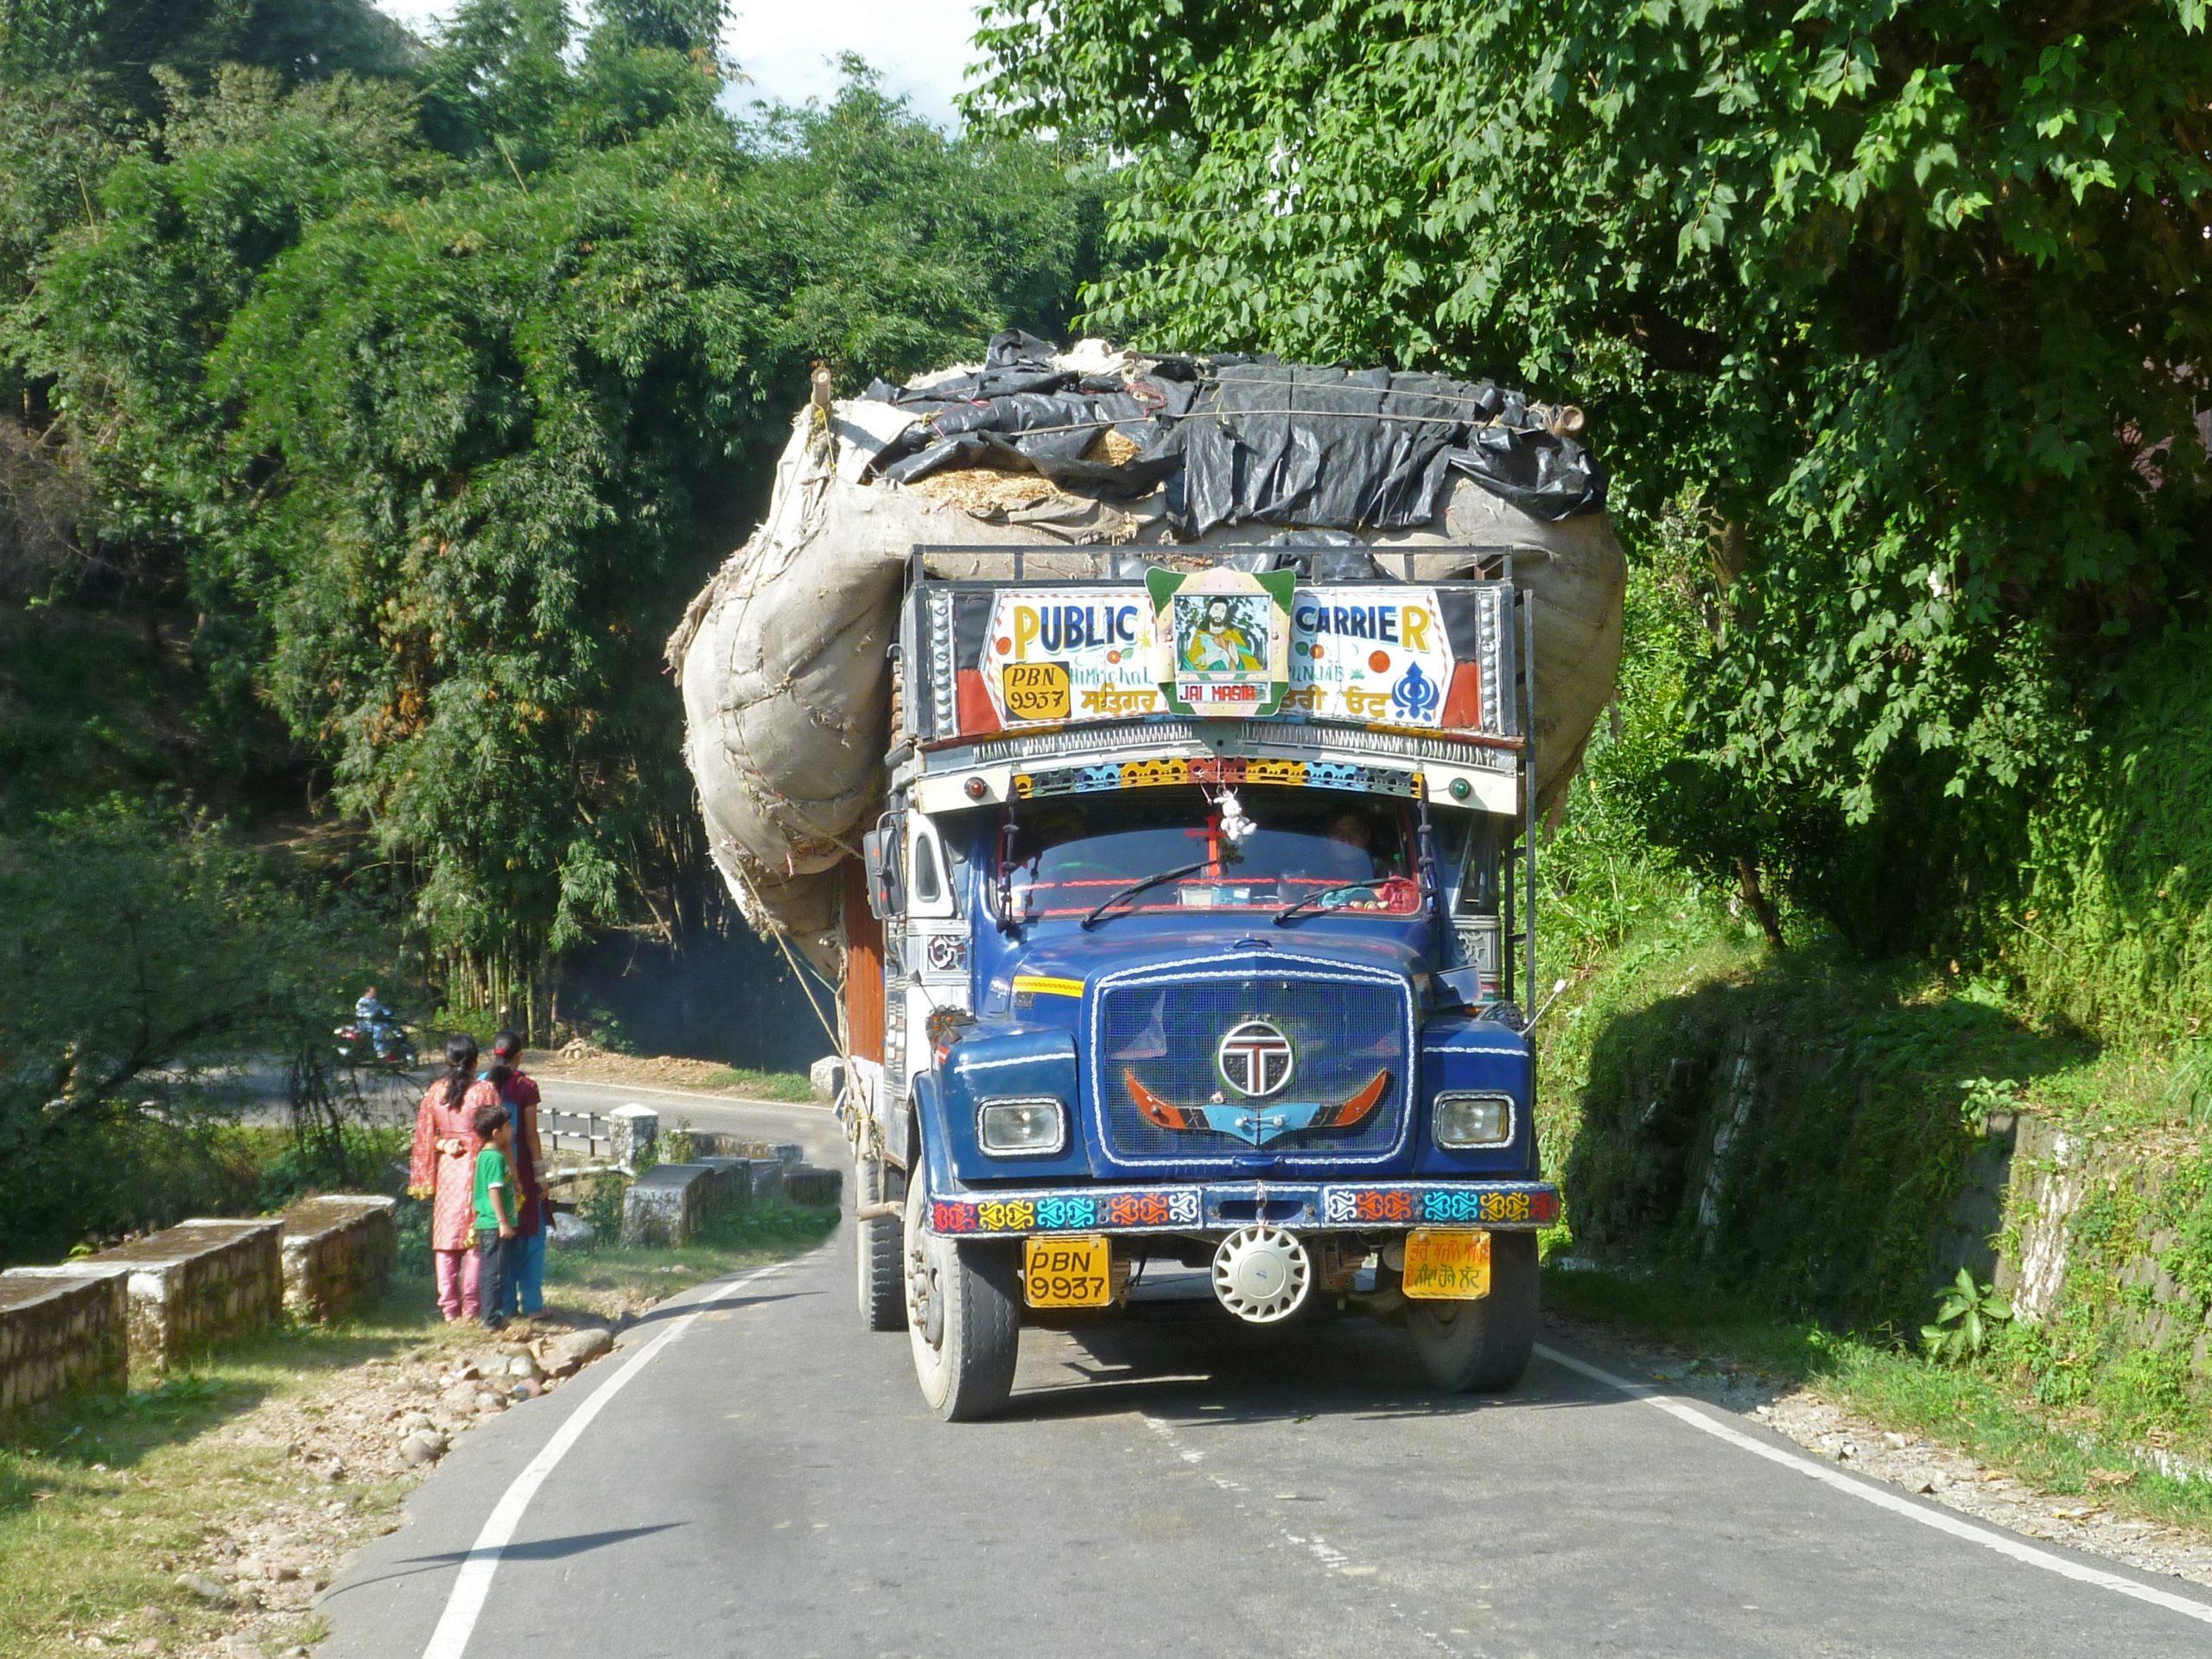 Radreise Ladakh 2012 - Mit Baumwolle vollgeladener LKW